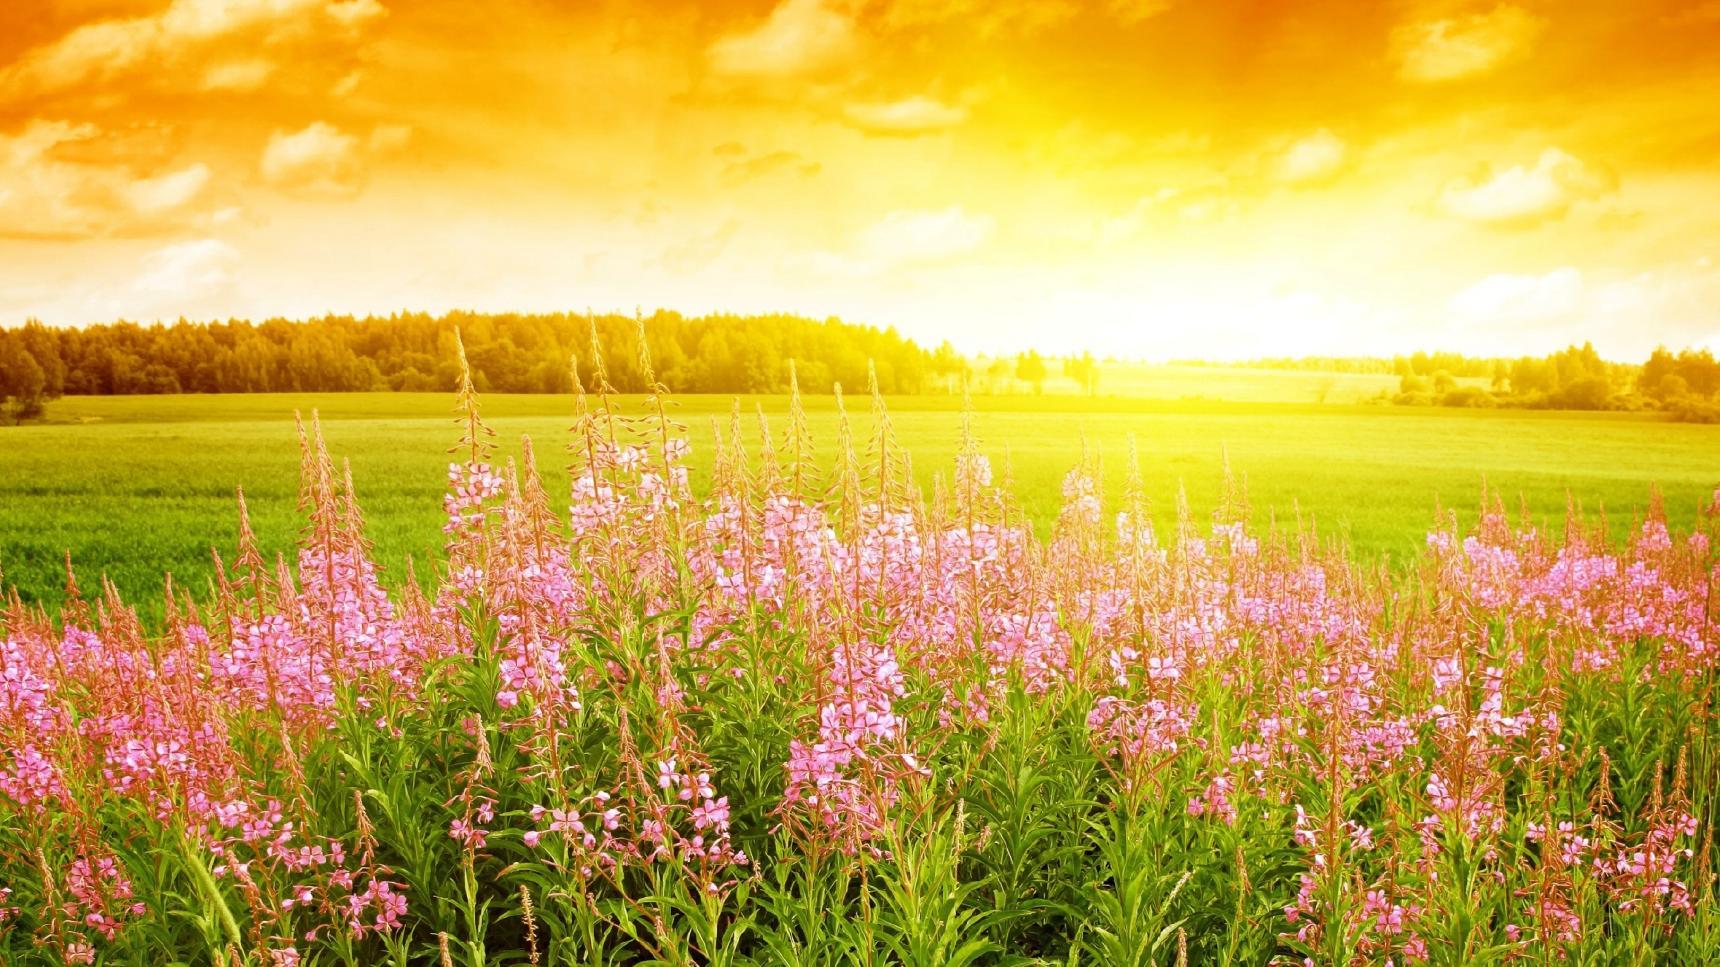 http://s5.picofile.com/file/8119898634/imagesalbum_blogsky_com_2_.jpg